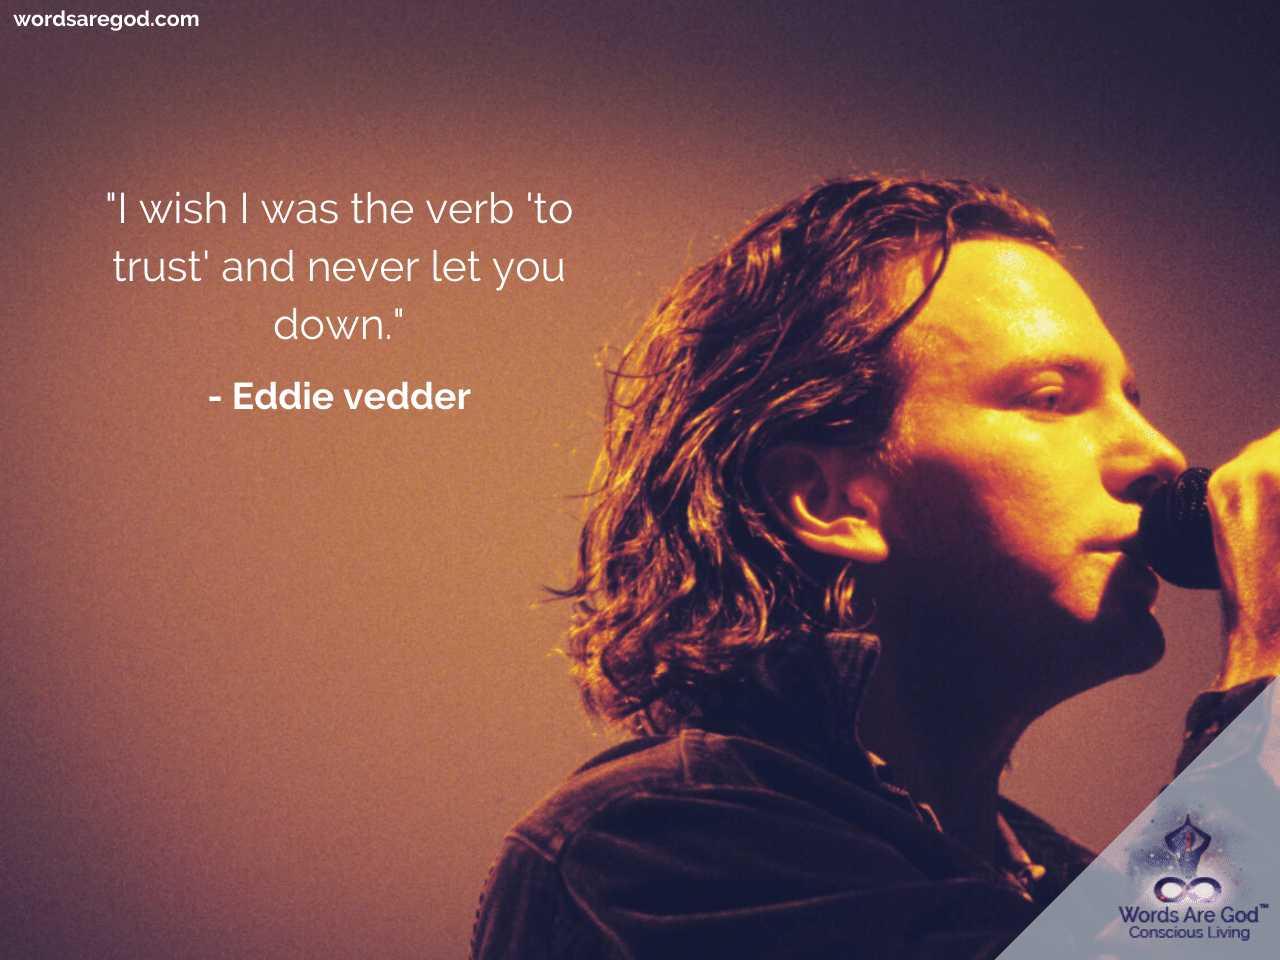 Eddie vedder Inspirational Quote